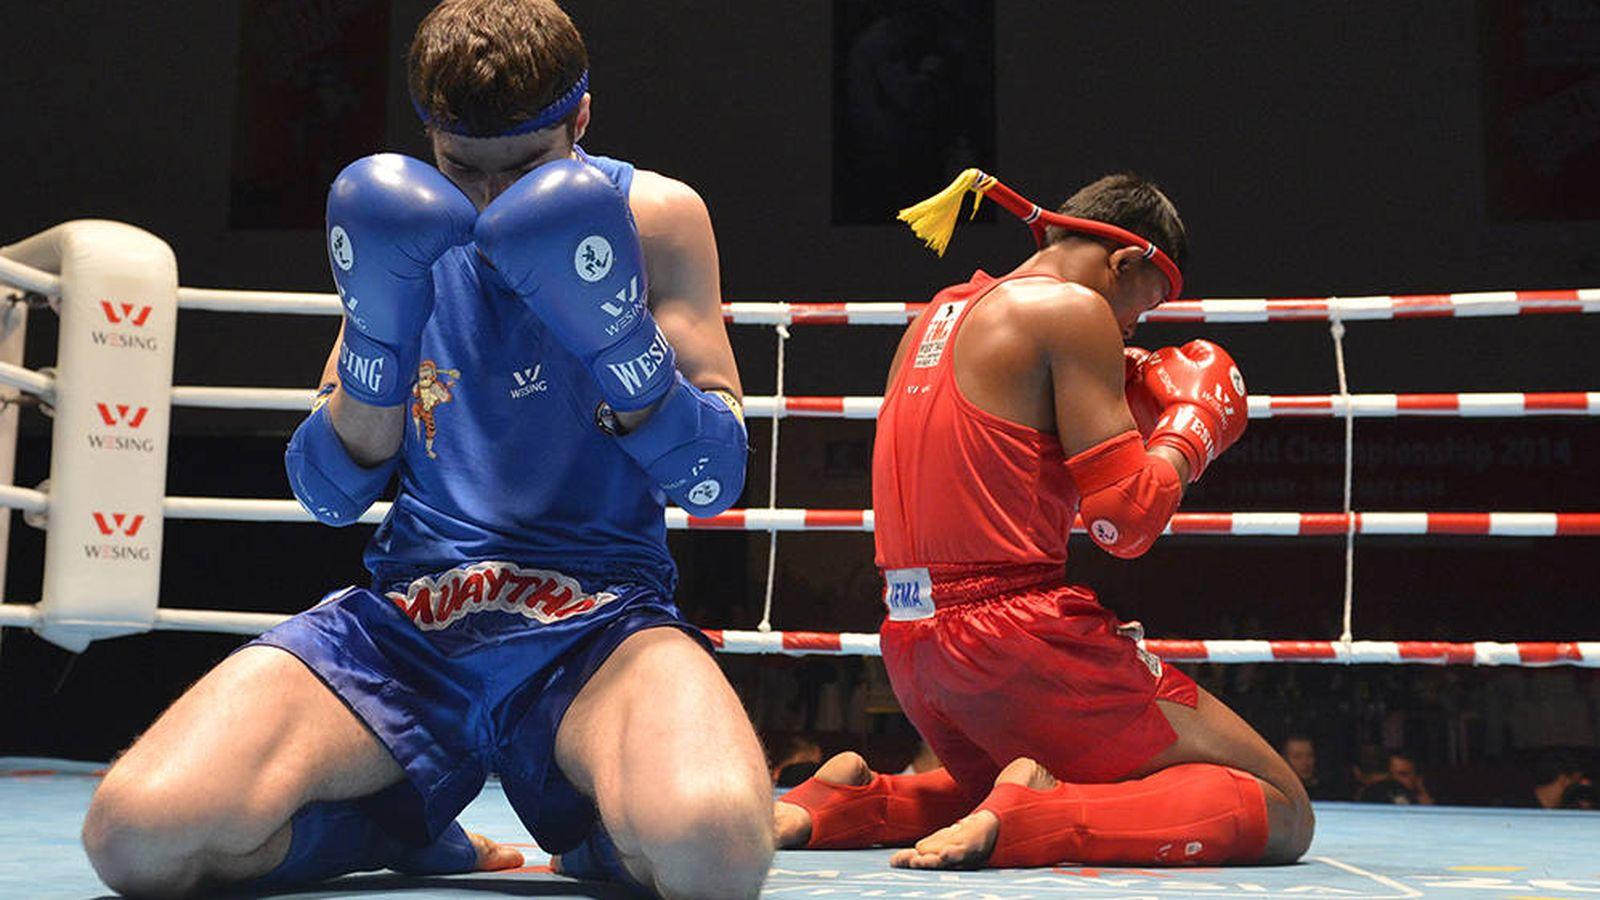 Foto: El muay thai gana adeptos en España a buen ritmo. (FOTO: www.spainmuaythai.com)